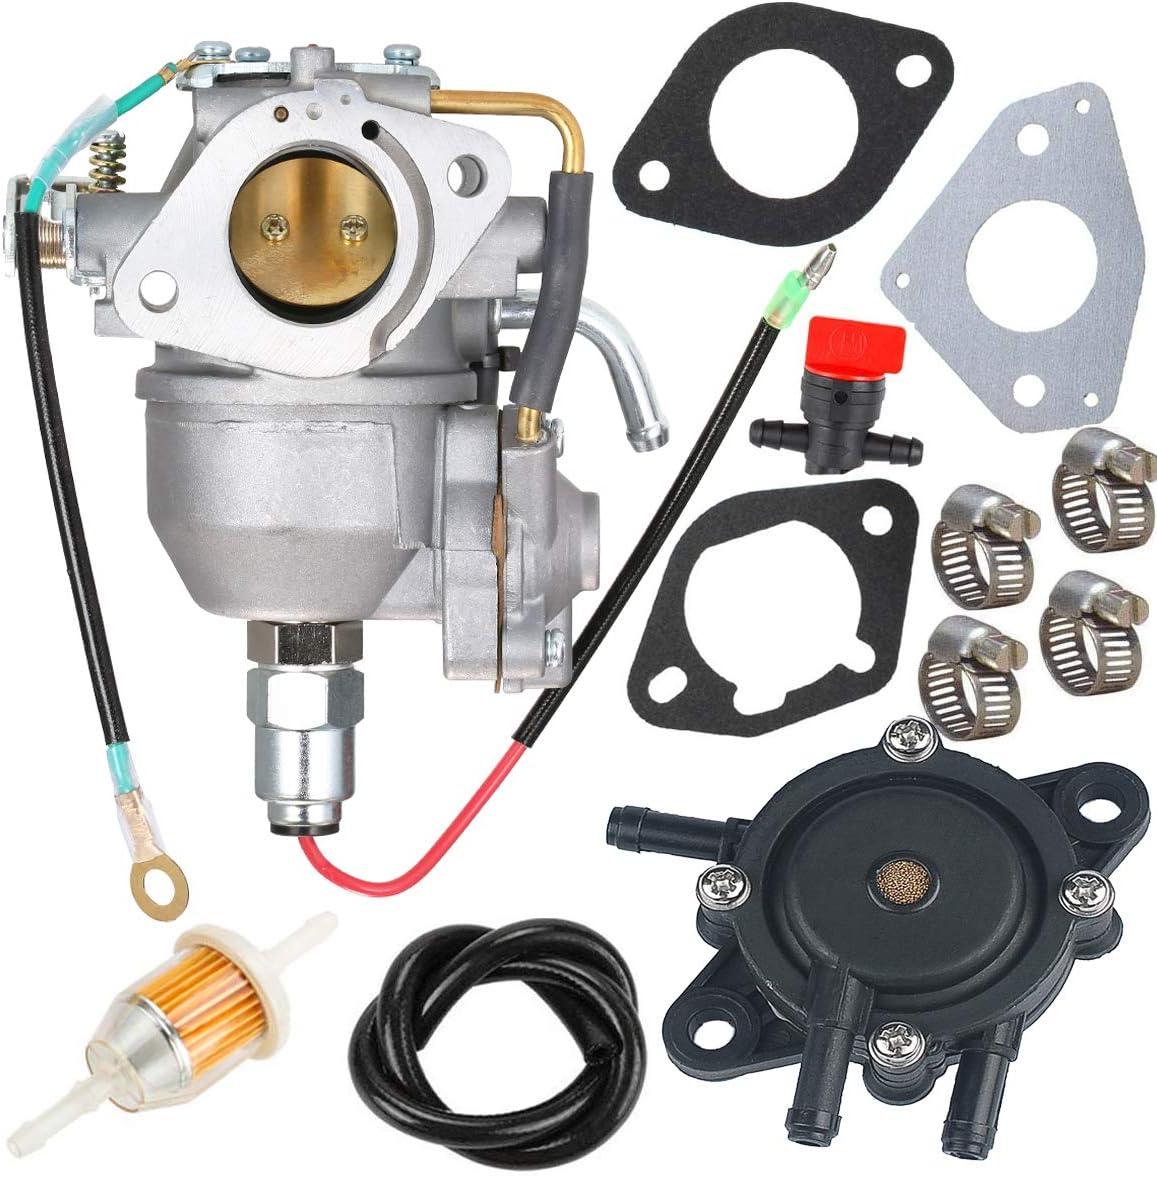 New CV730 Carburetor +Fuel Pump 24 393 04-S 24 393 16-S for Kohler CV730 CV730S CV740 CV740S 25 HP 27 HP Engine 24853102-S 24-853-102-S Carb with Gasket Kit